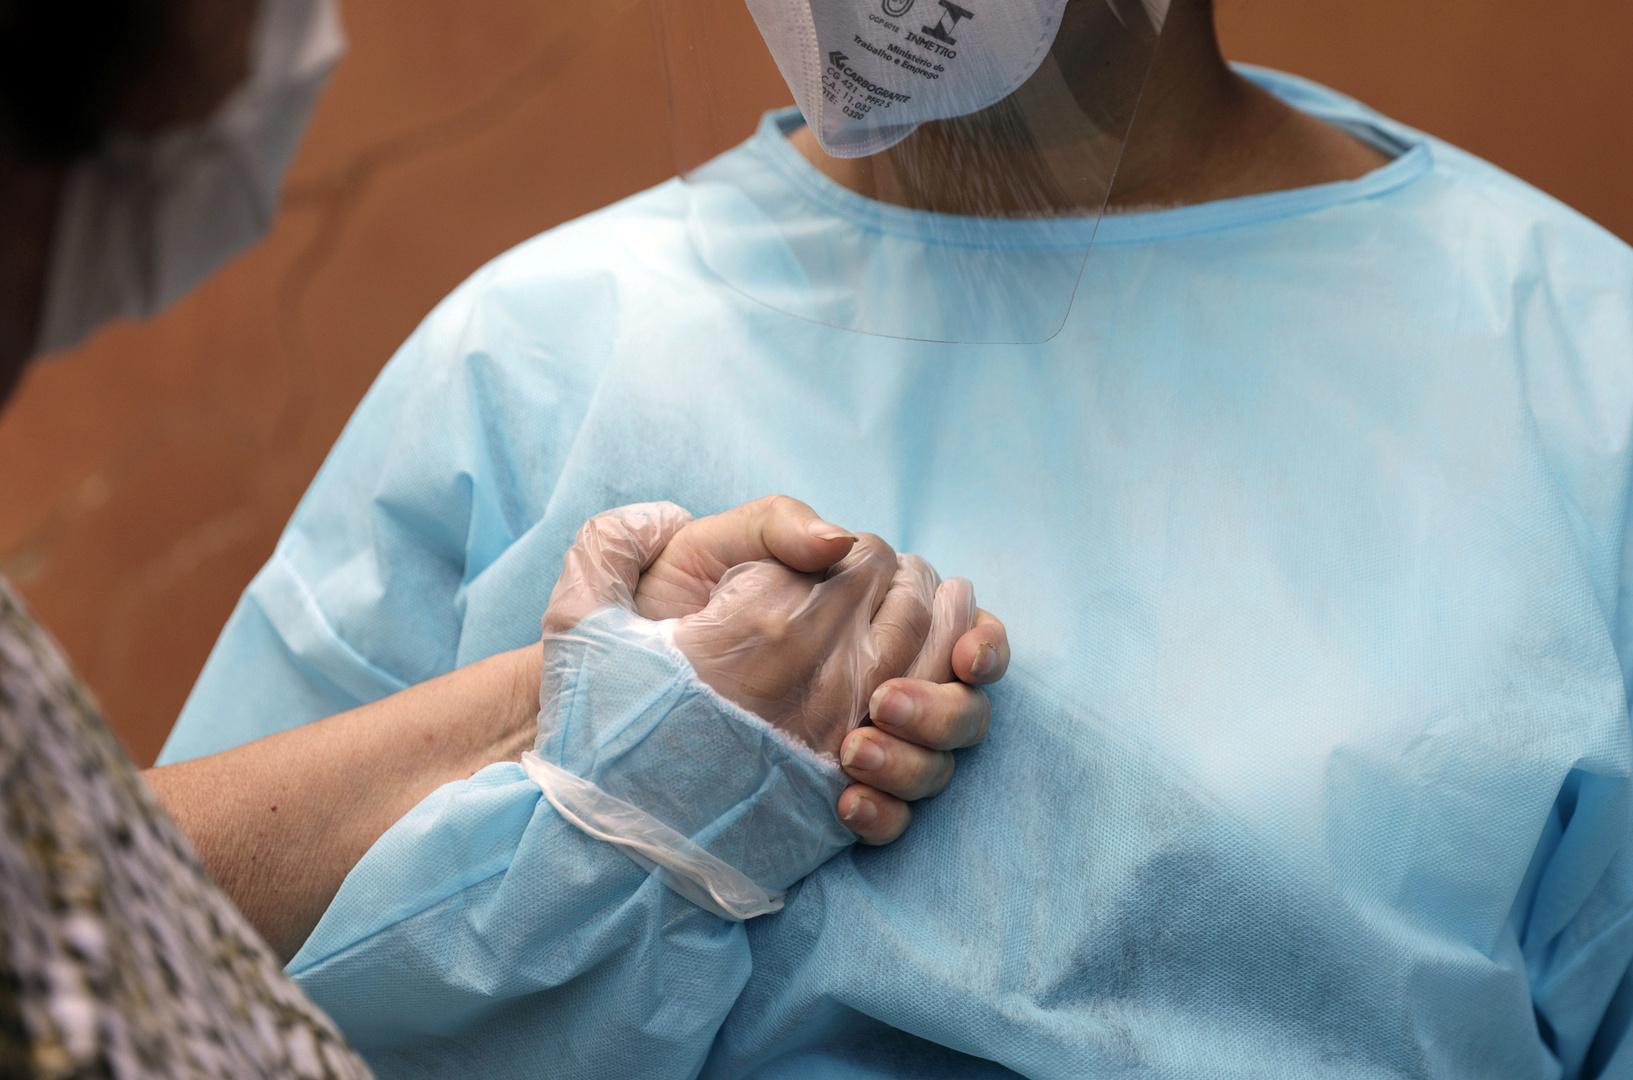 فيروس كورونا يحصد أرواح مليون و27 ألف شخص والإصابات تلامس 35 مليونا